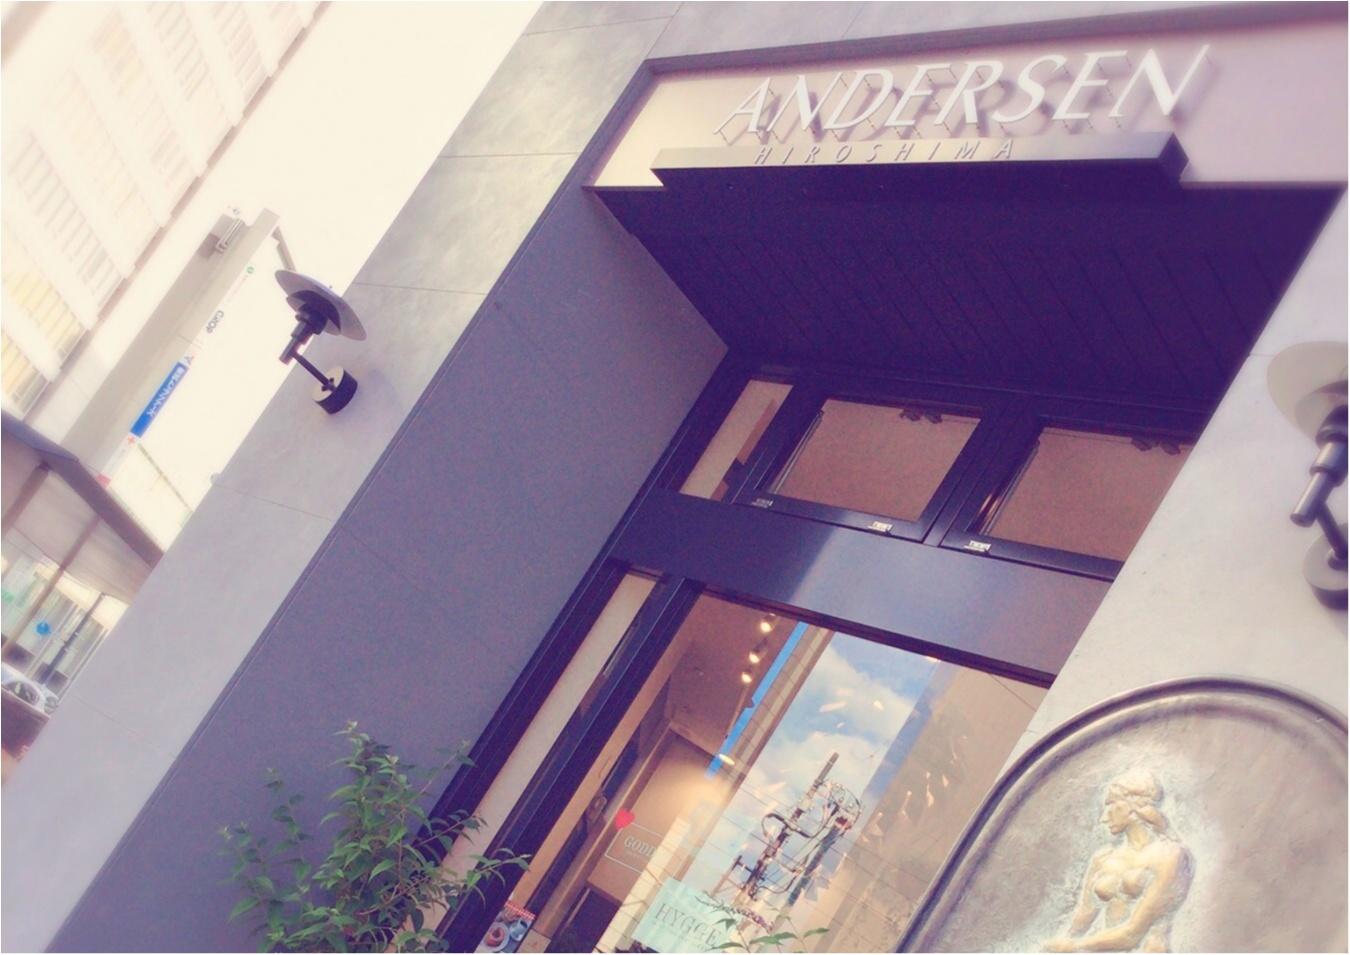 【ご当地カフェ】ここでしか食べられない!広島で知らない人はいない《アンデルセンカフェ》のおすすめメニュー❤️_8